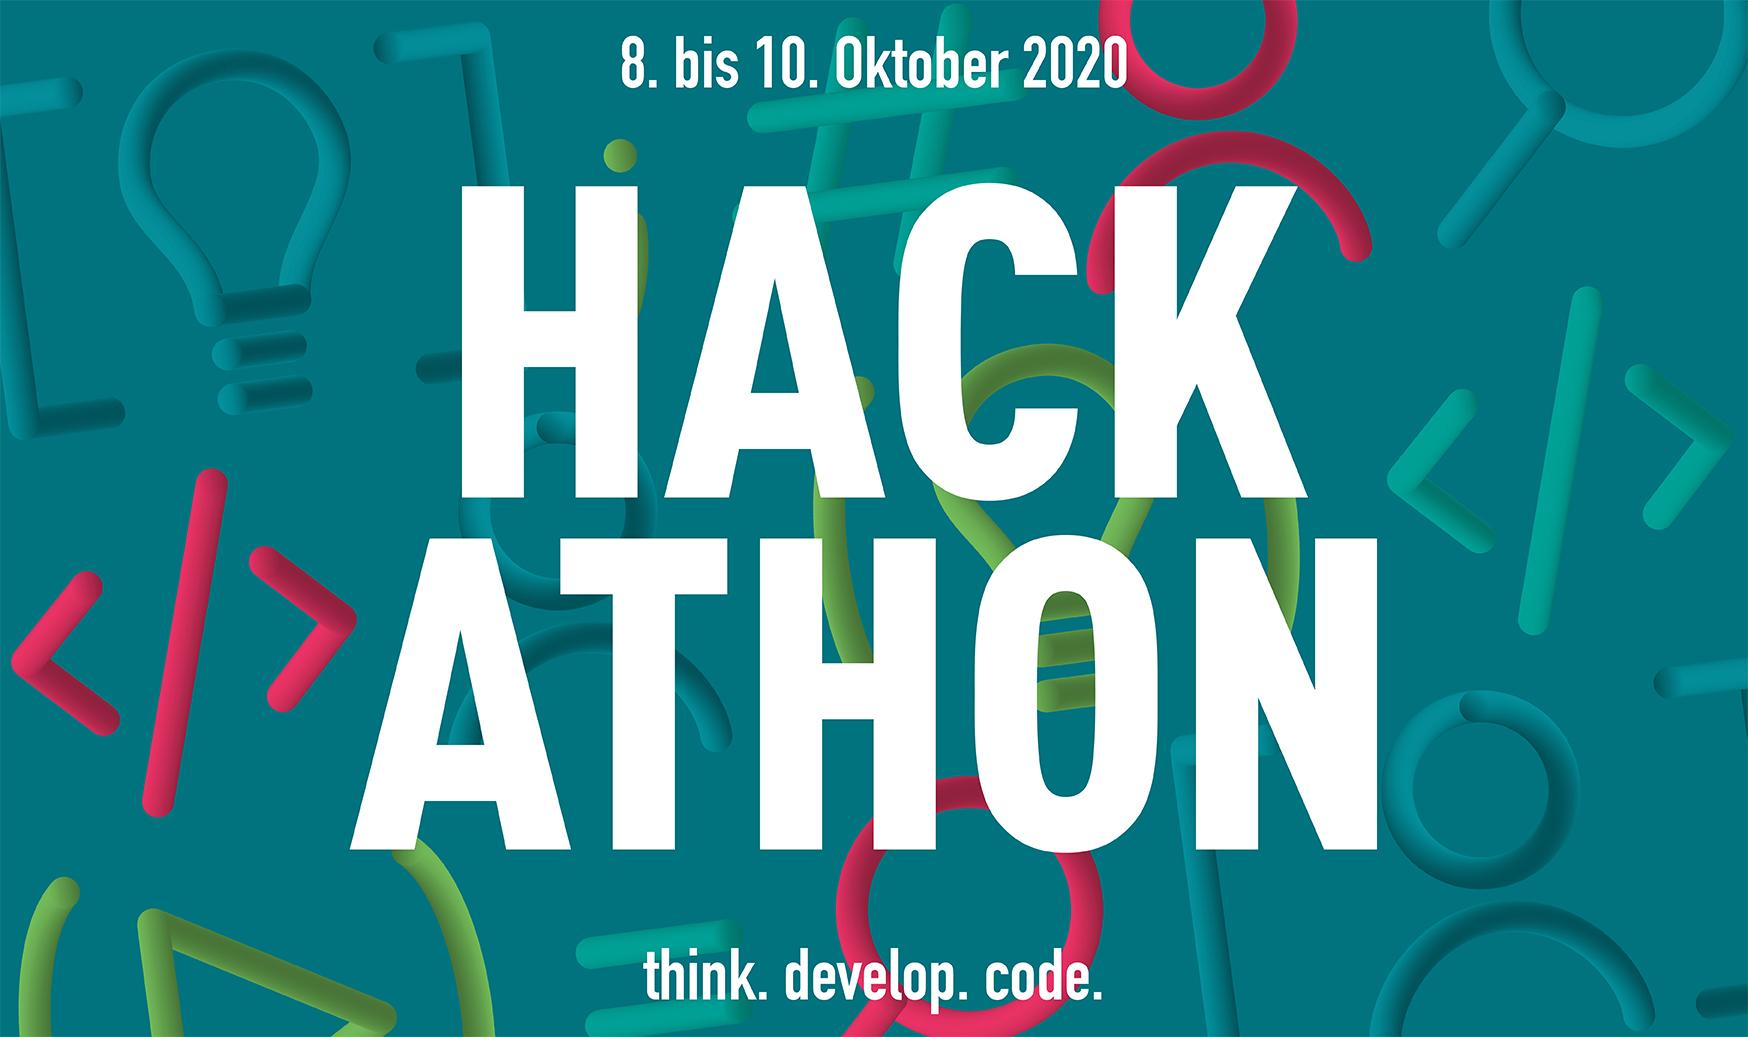 Grafik der Veranstaltung Hackathon 2020.